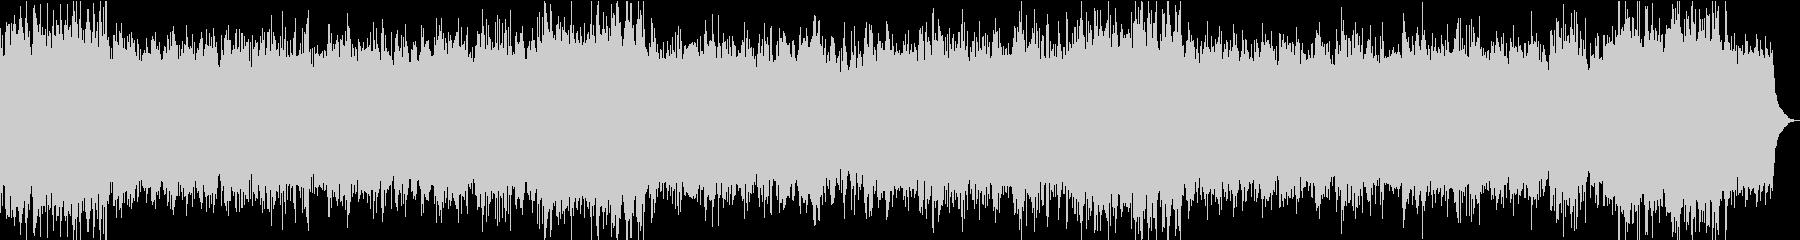 おだやかキラキラ/静かめ/イントロ17秒の未再生の波形